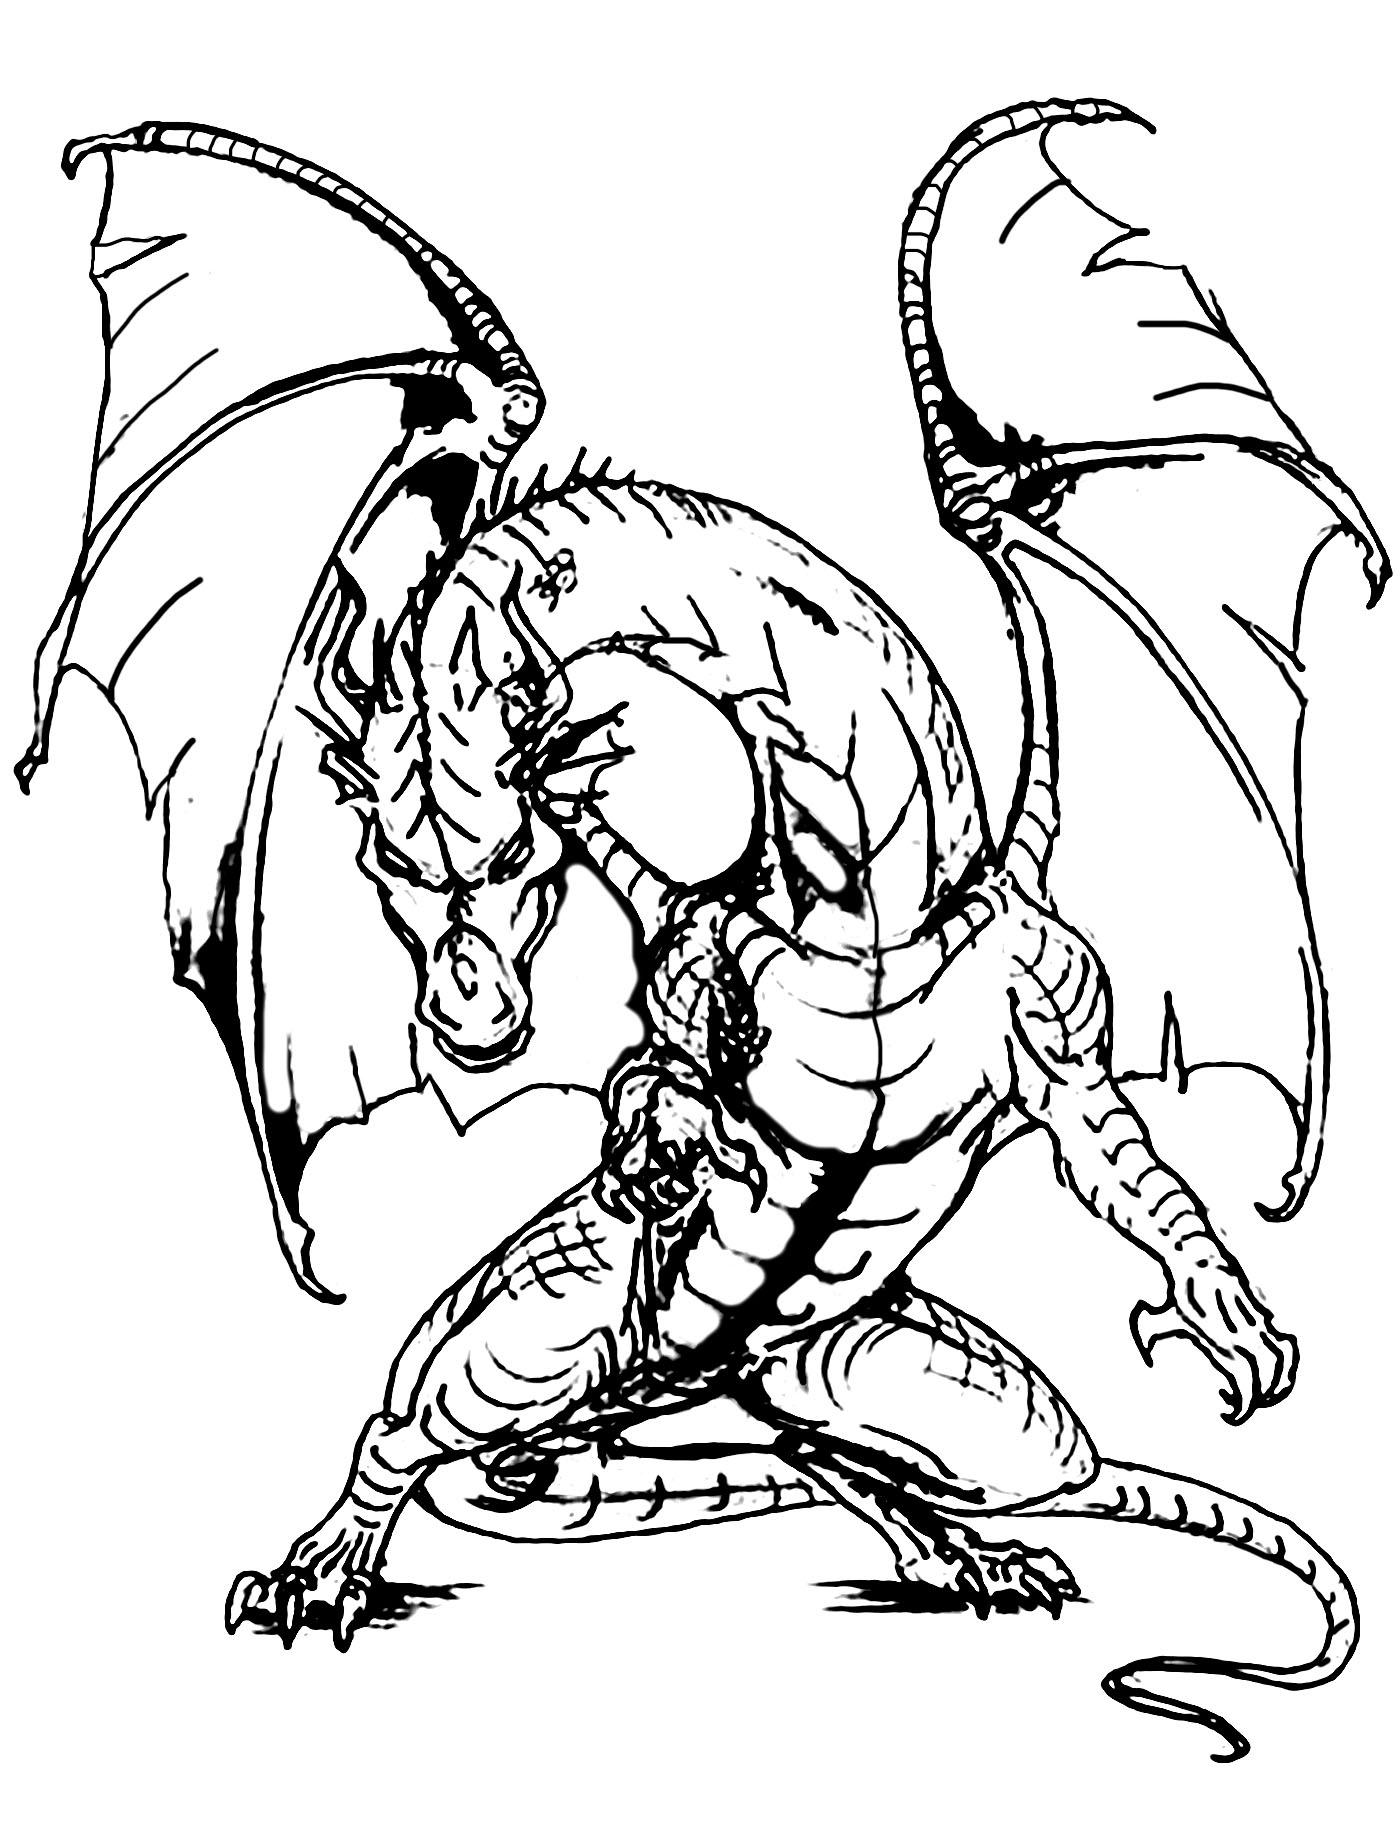 Dragon géant ne demandant qu'à être colorié